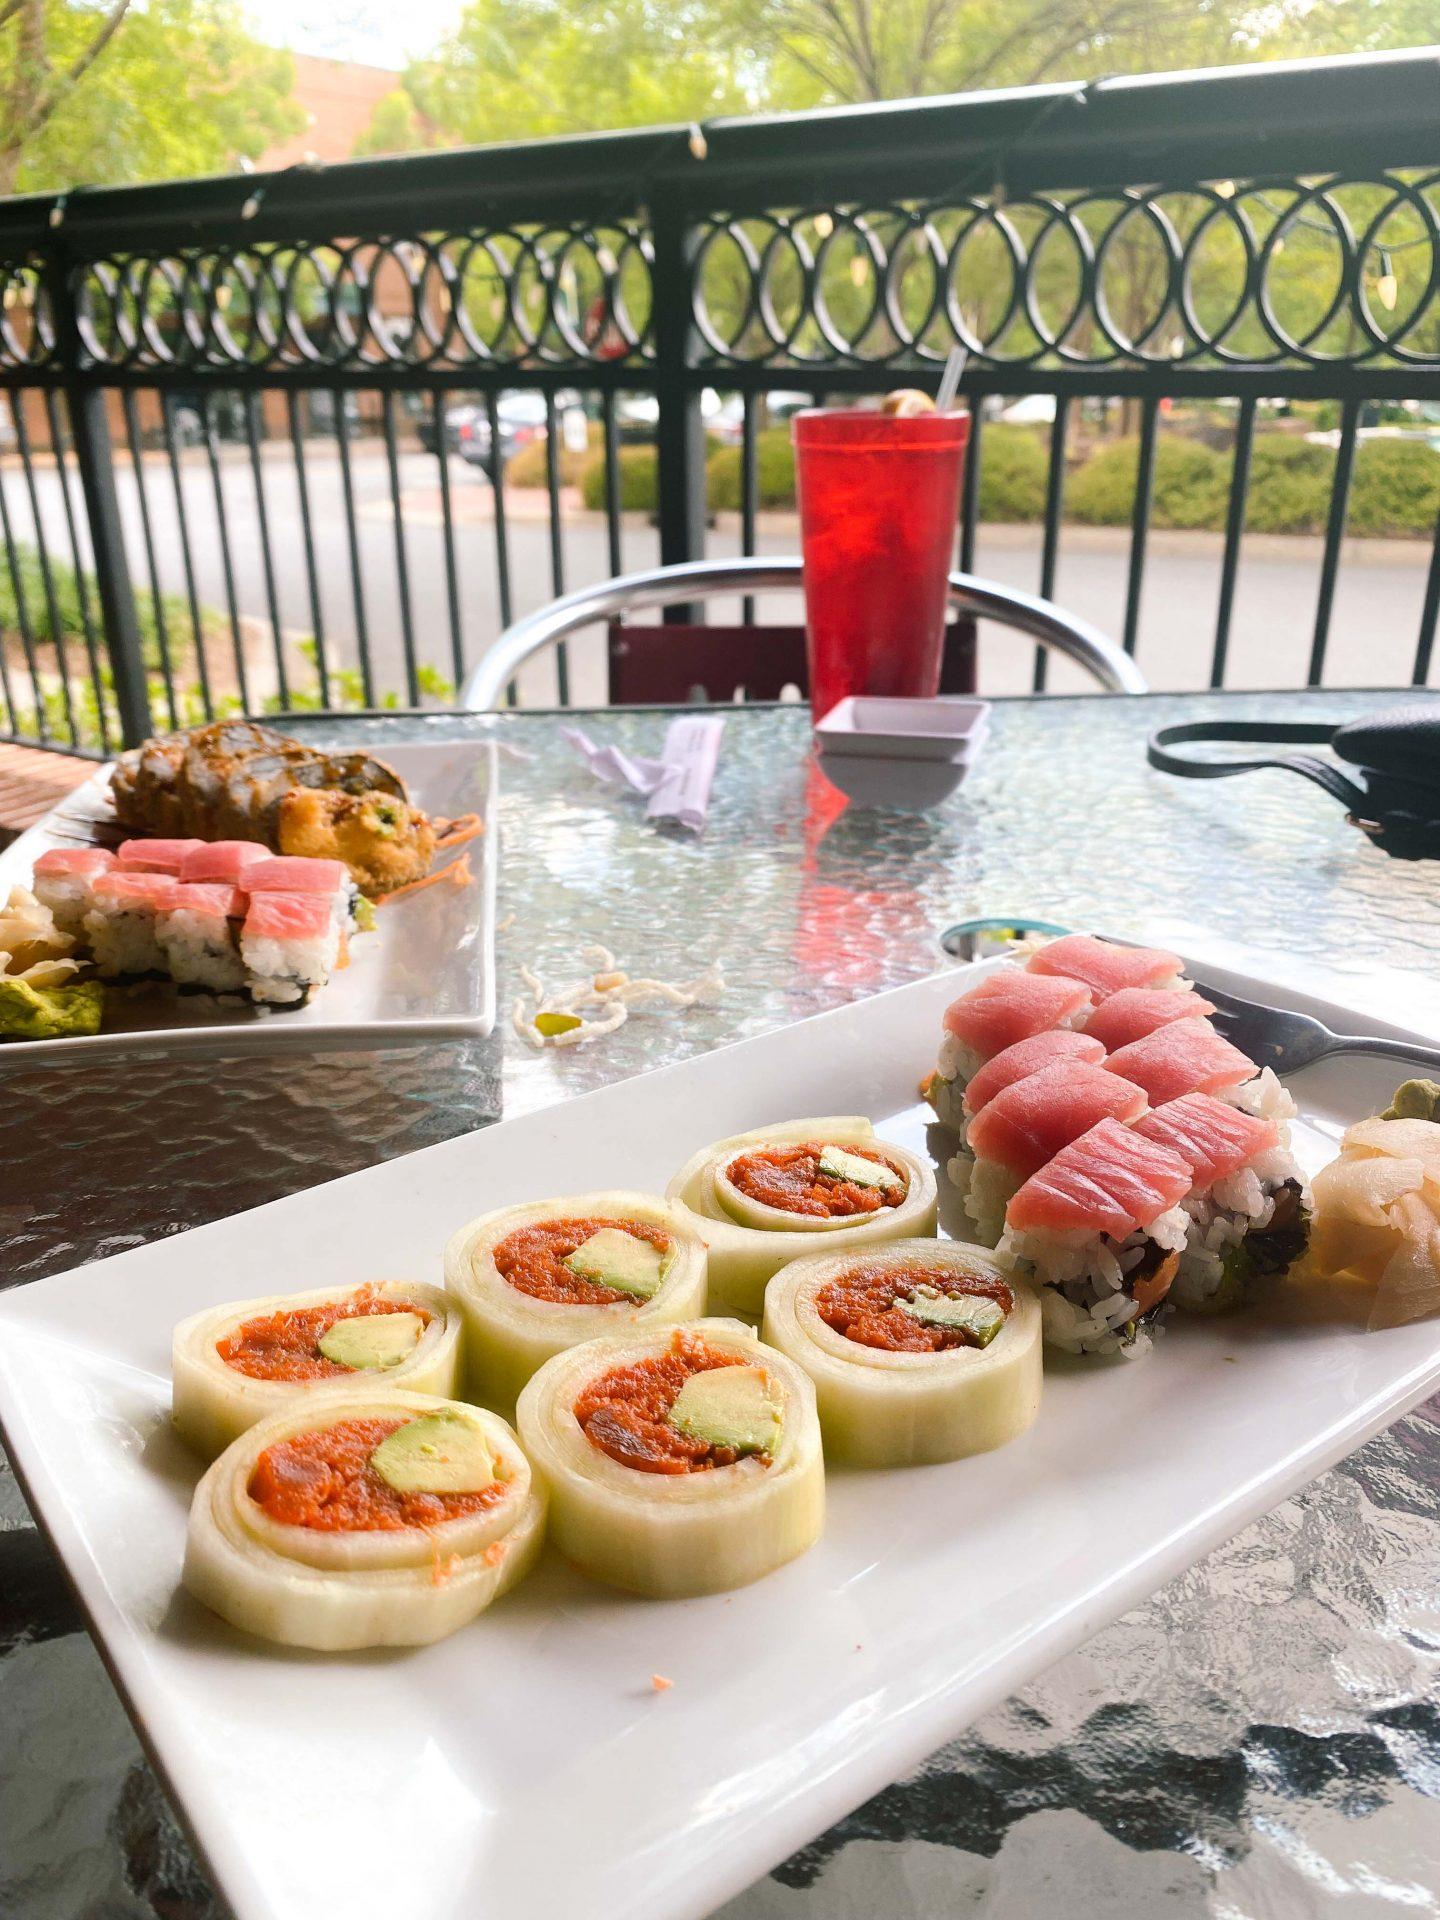 akahana fort mill South Carolina sushi